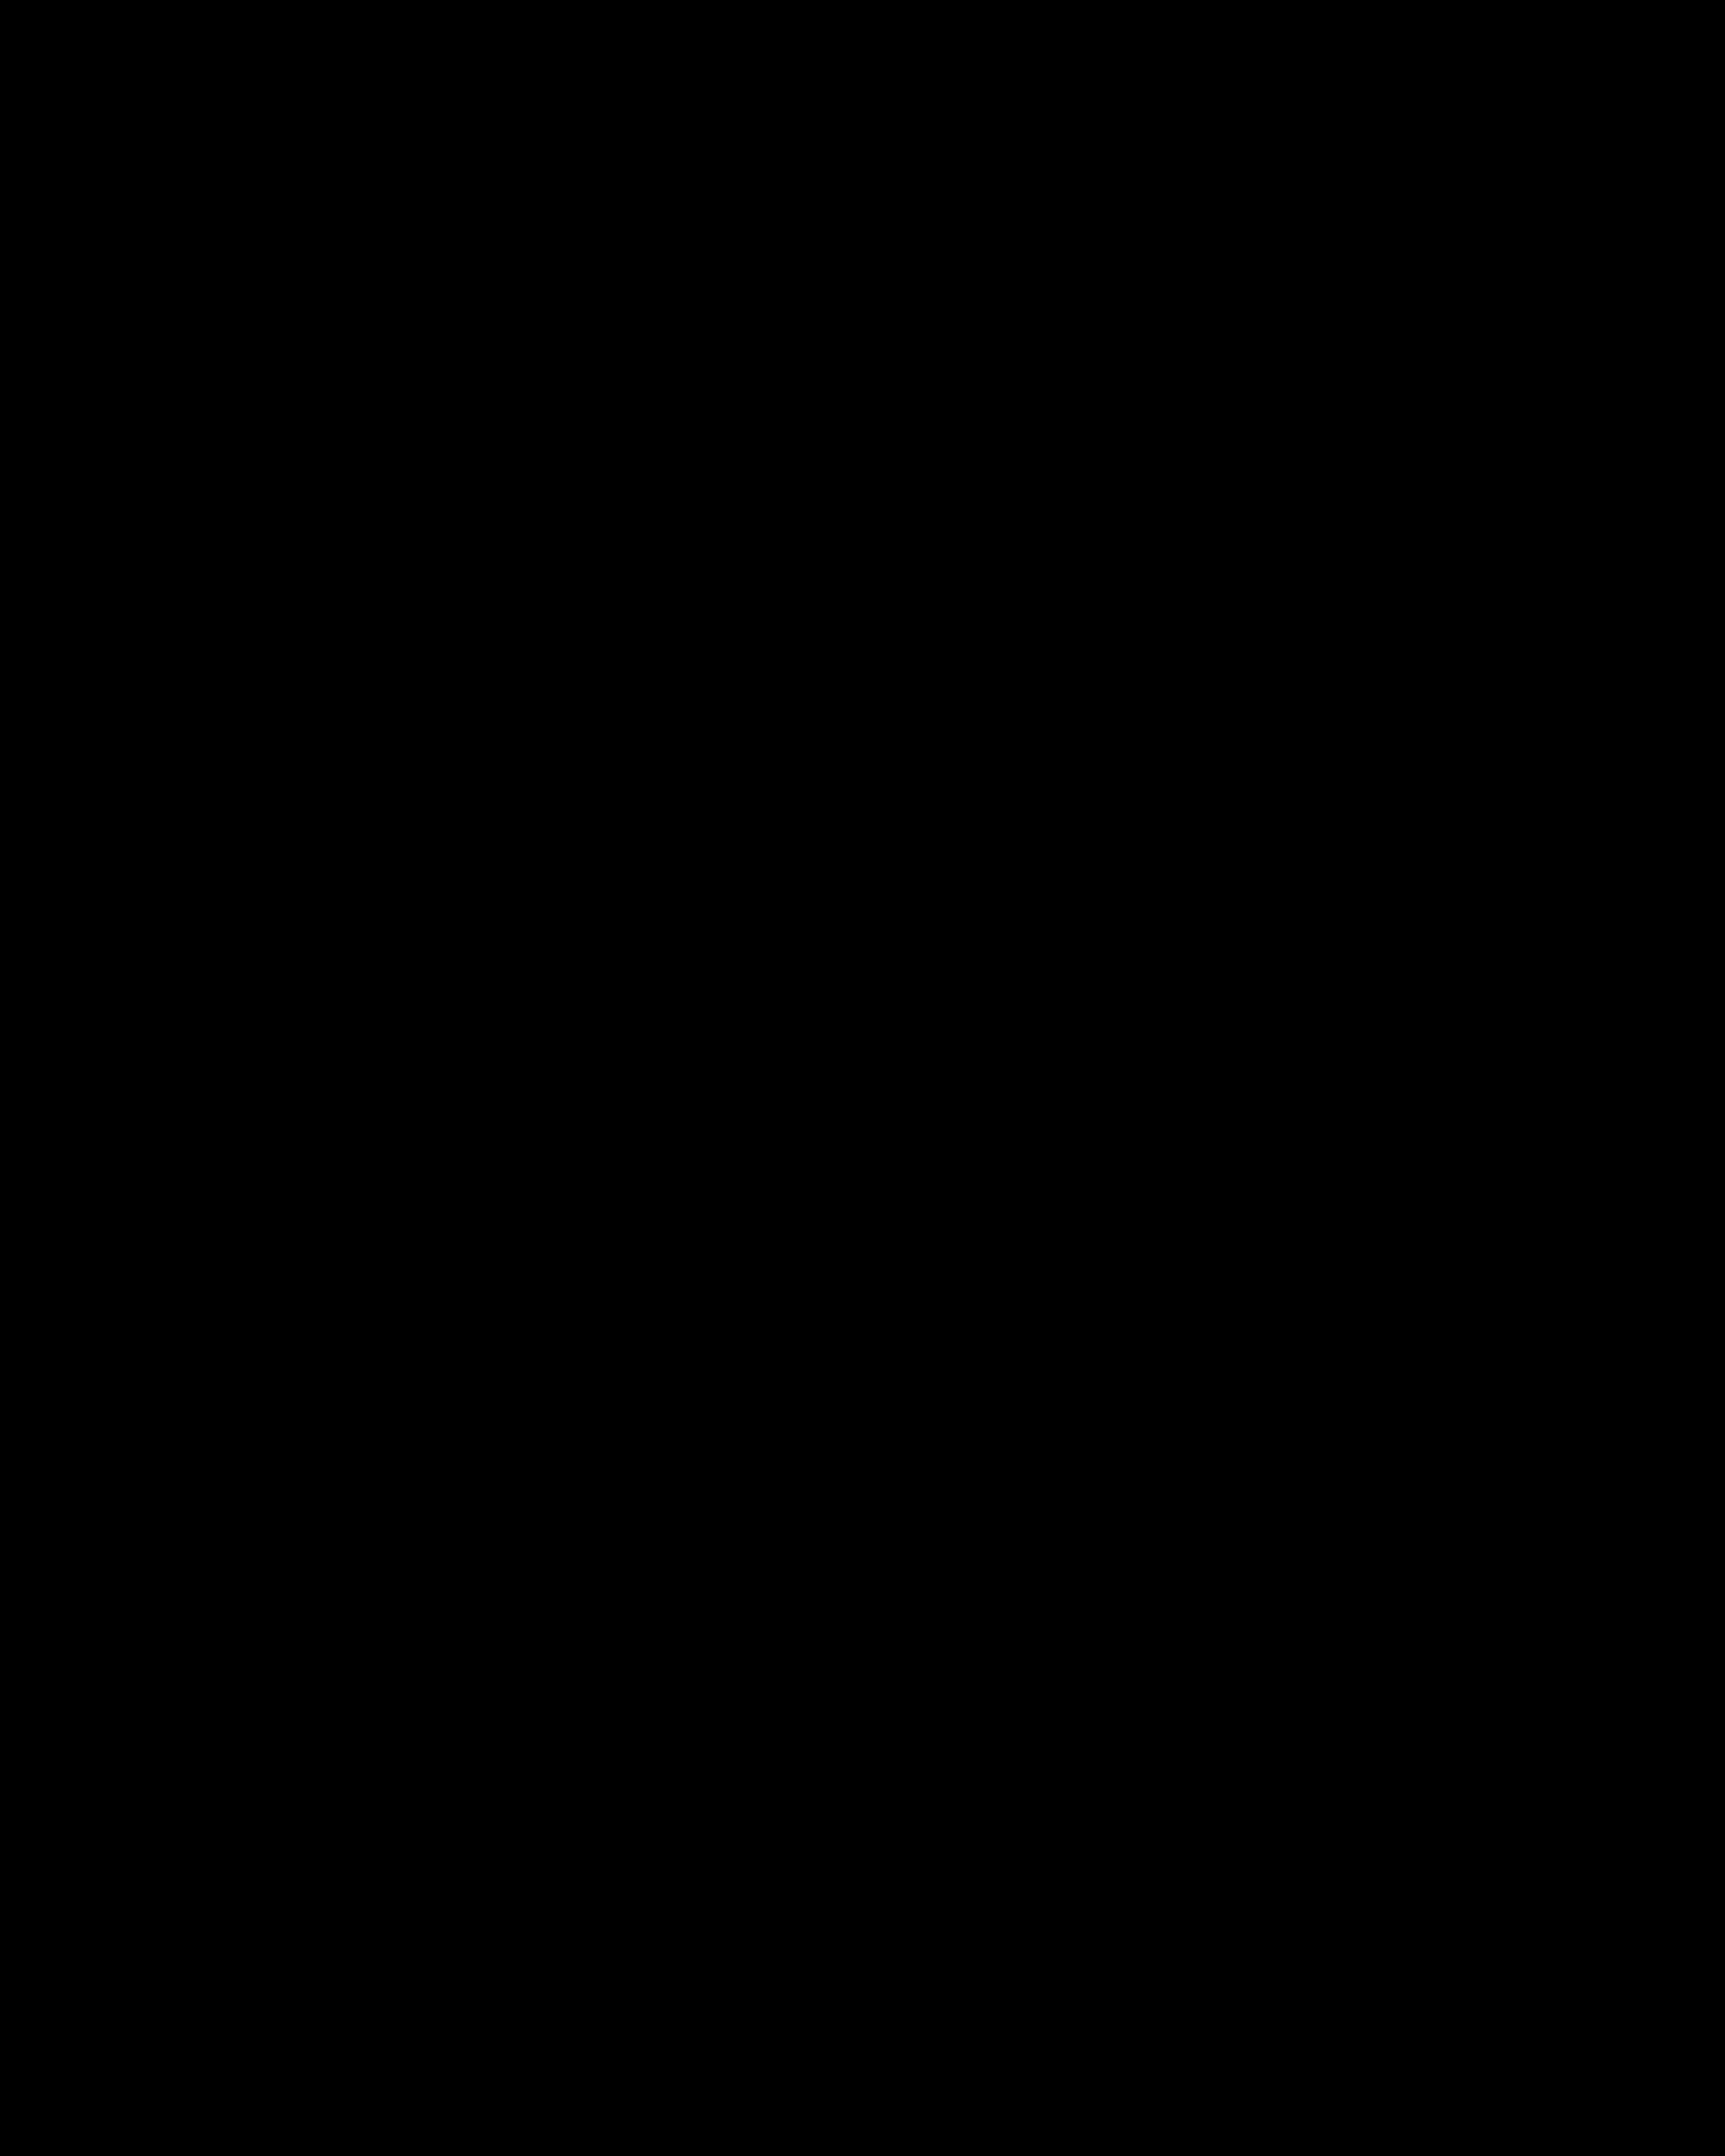 99784 скачать обои Космос, Галактика, Вселенная, Звезды, Сияние, Планеты - заставки и картинки бесплатно